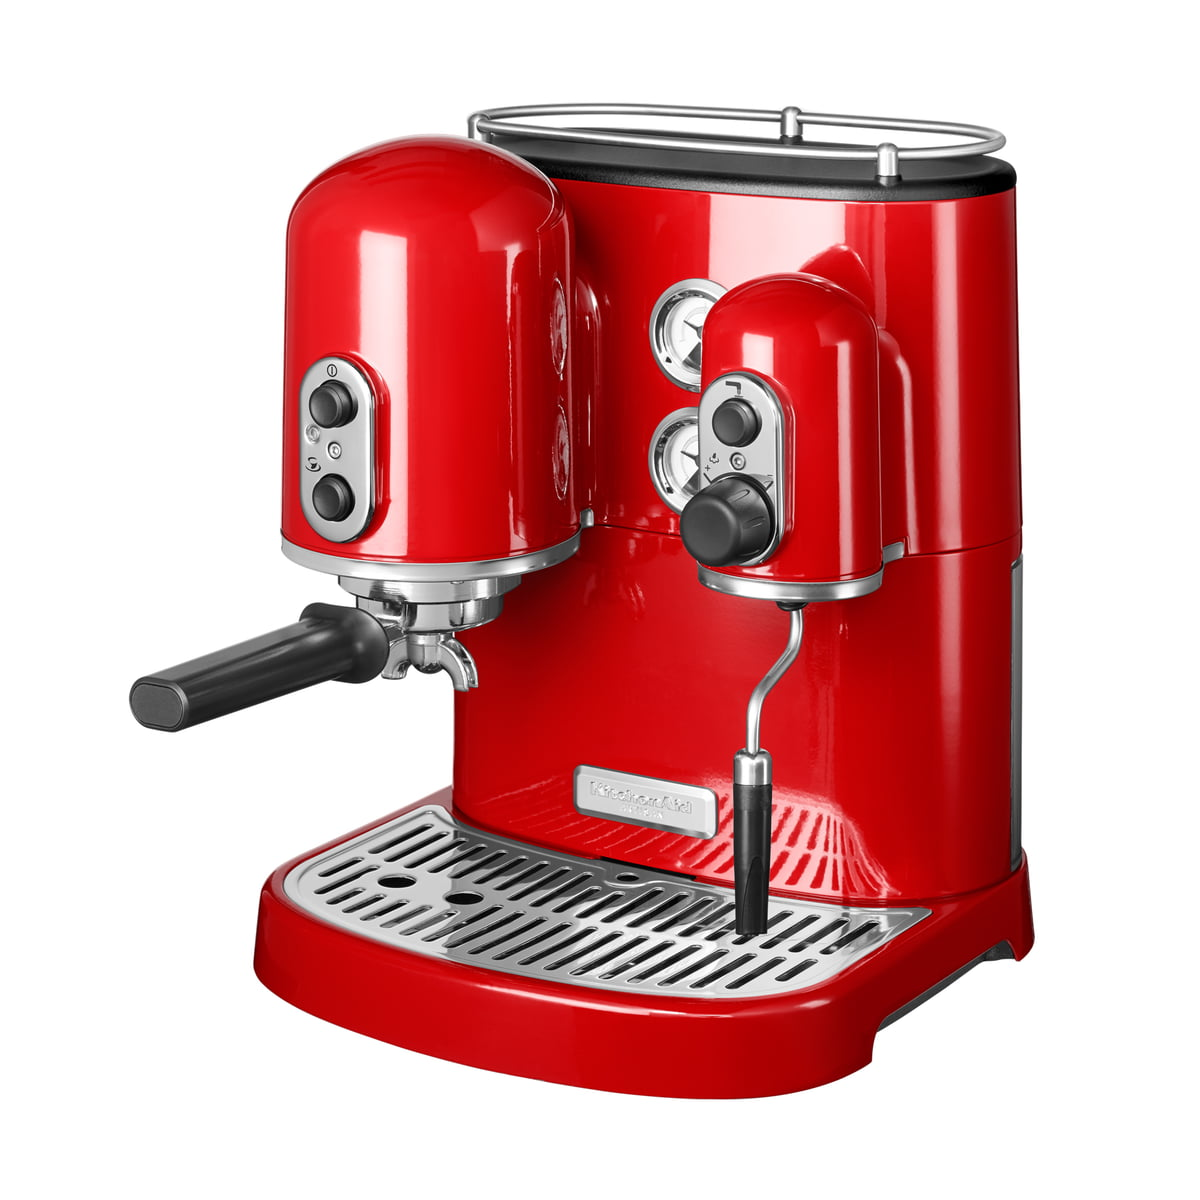 Kitchen Aid KitchenAid - Artisan Espressomaschine, empire rot | Küche und Esszimmer > Kaffee und Tee > Espressomaschinen | Rot | Ganzmetallgehäuse -  edelstahl-siebeinstätze | Kitchen Aid